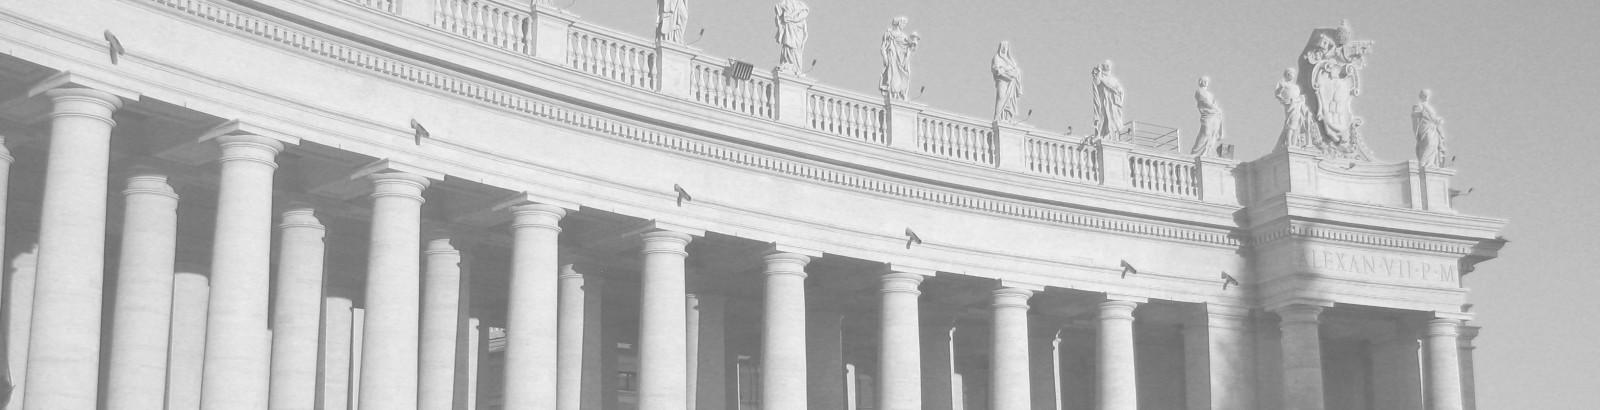 Francesco tra i primi a ricevere il vaccino in Vaticano - Aldo Maria Valli